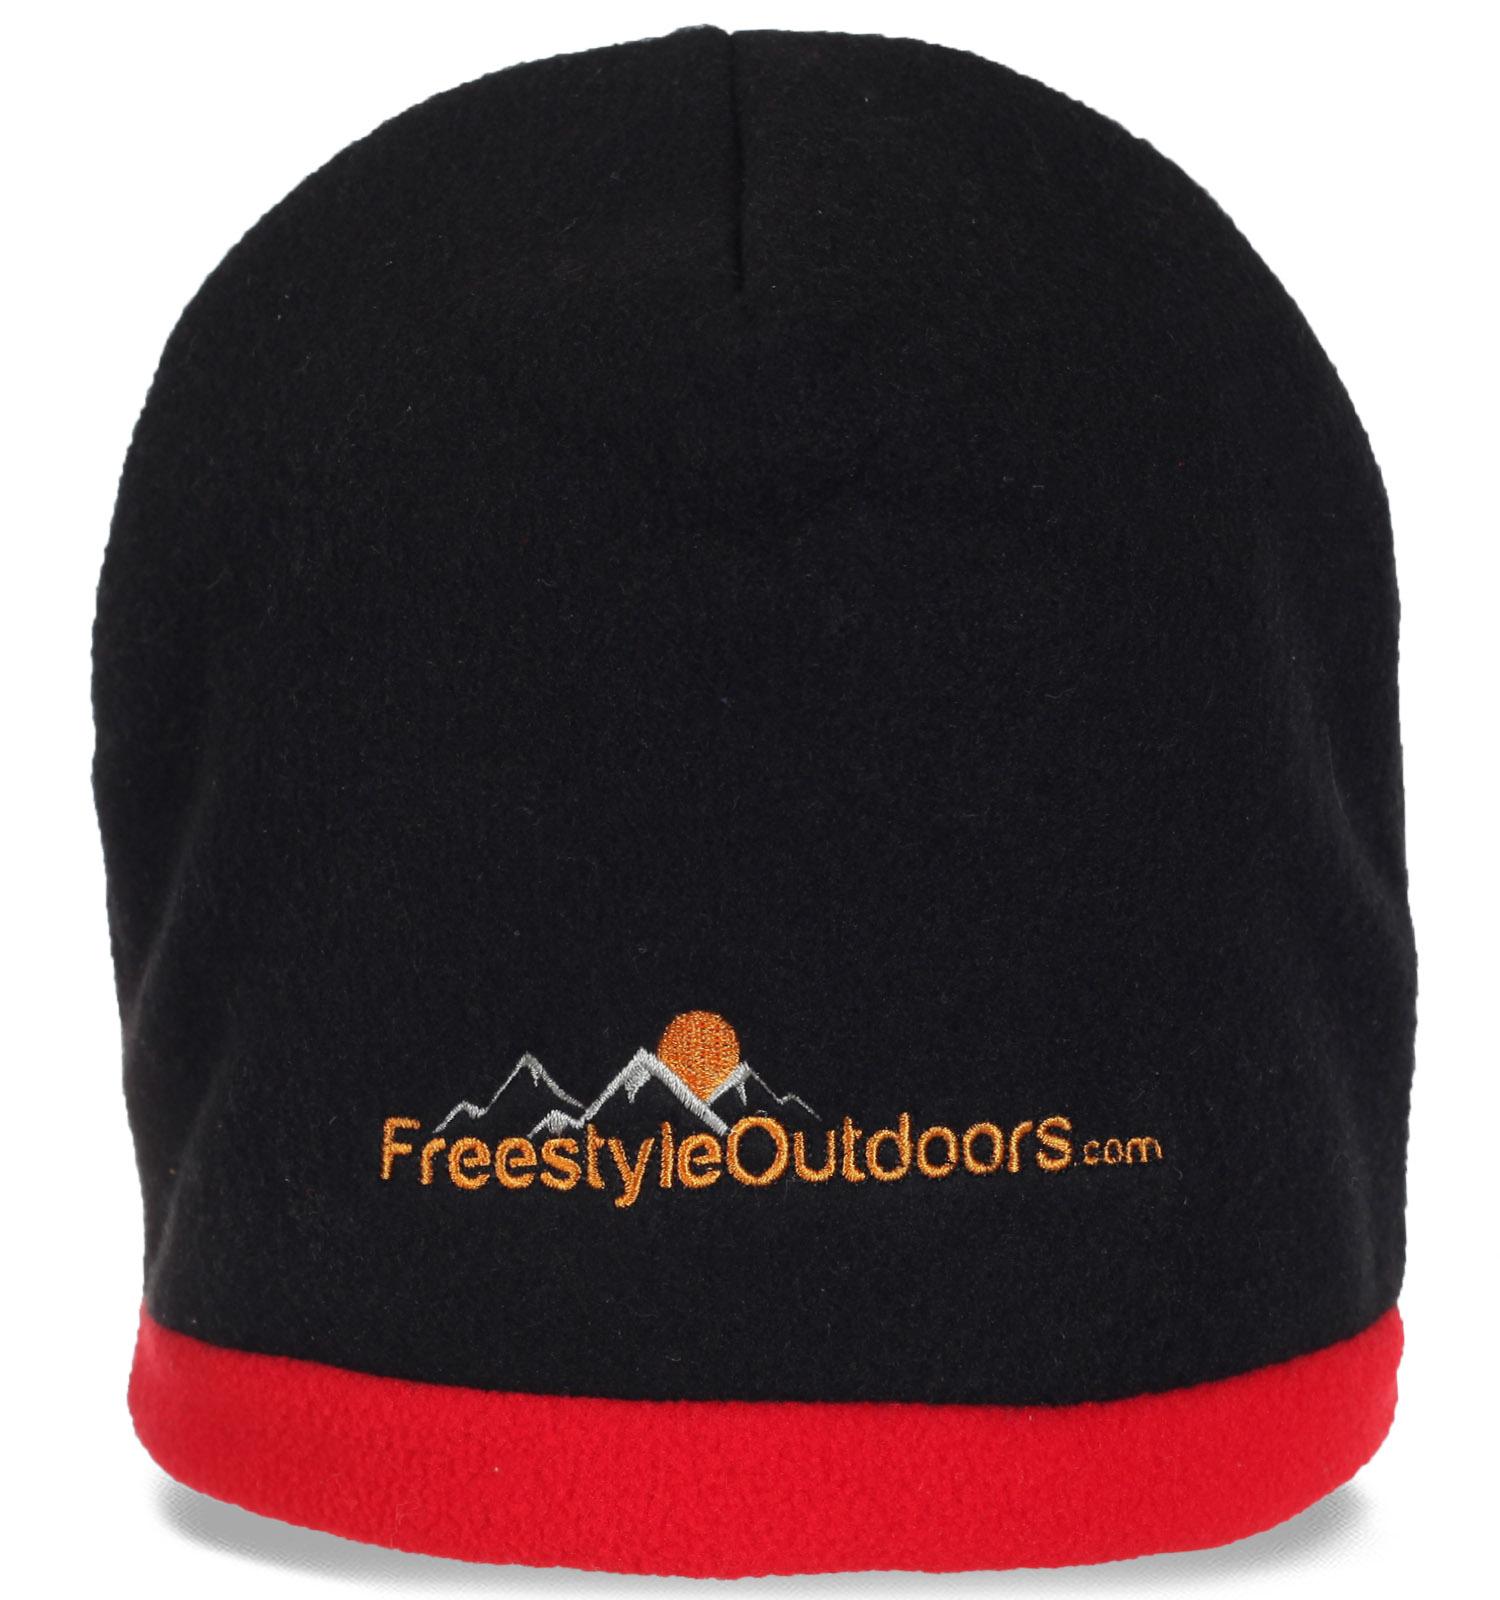 Мужская флисовая шапка бини для занятий спортом утепленная флисом. Надежно защитит Вашу голову от ветра и холода!